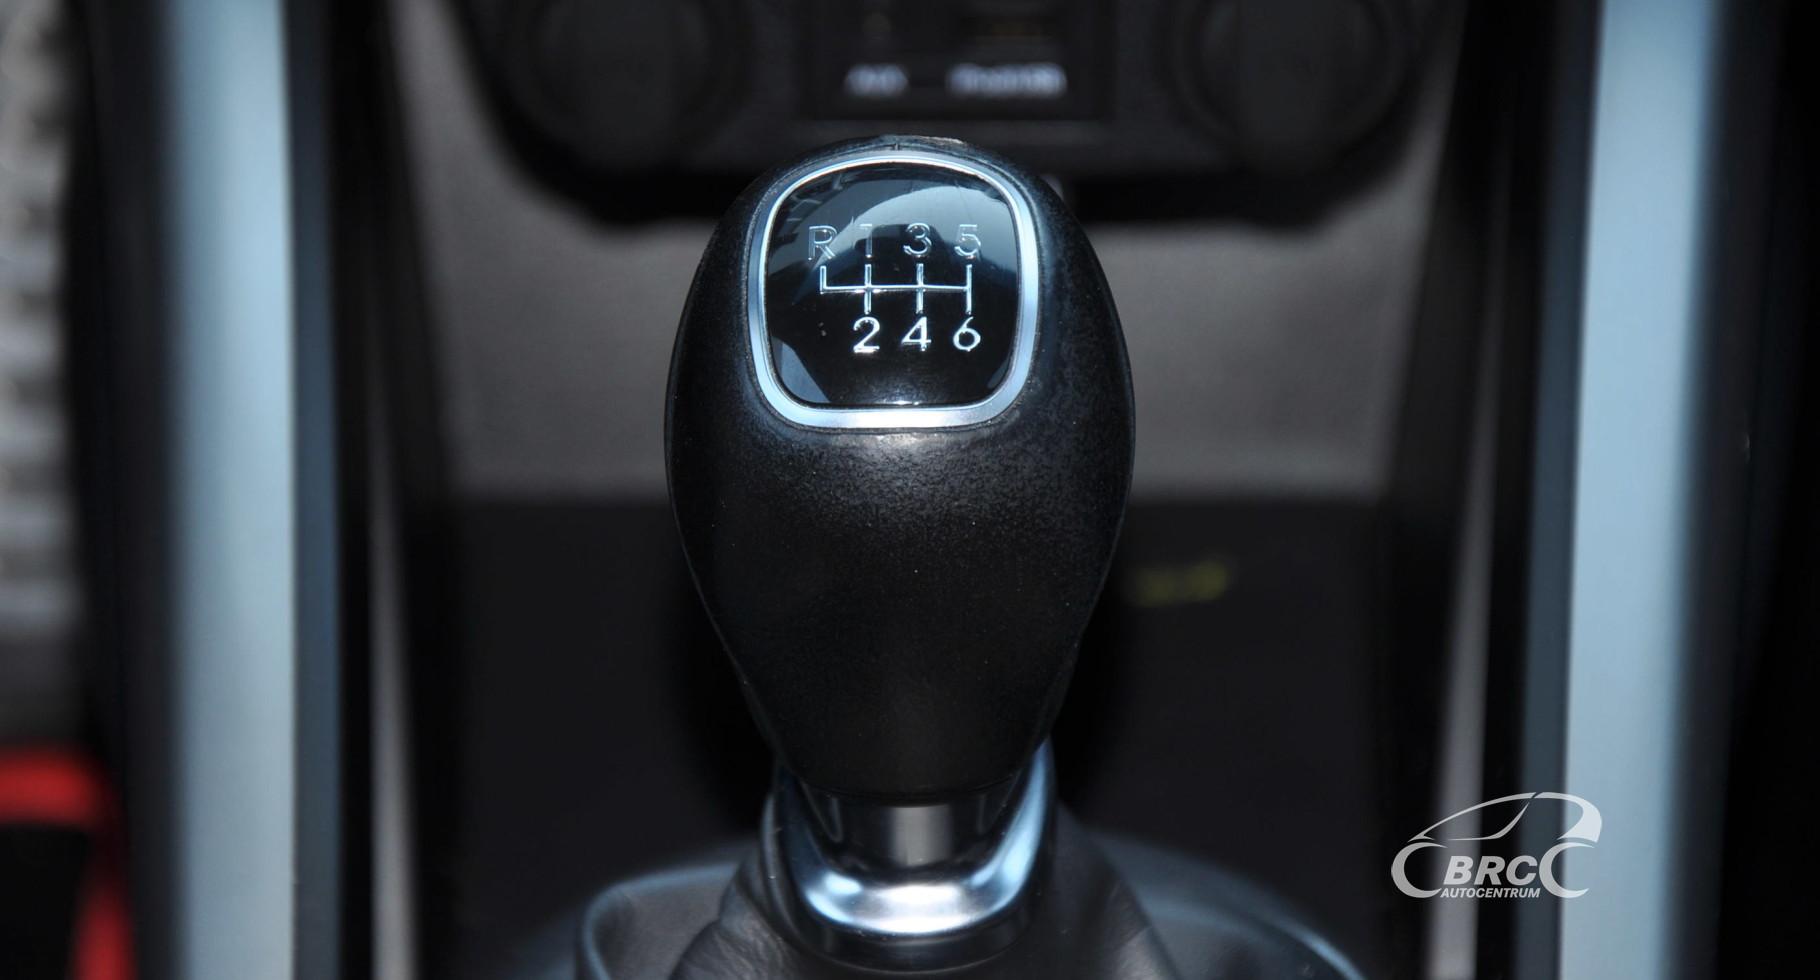 Hyundai Veloster 1.6 GDI